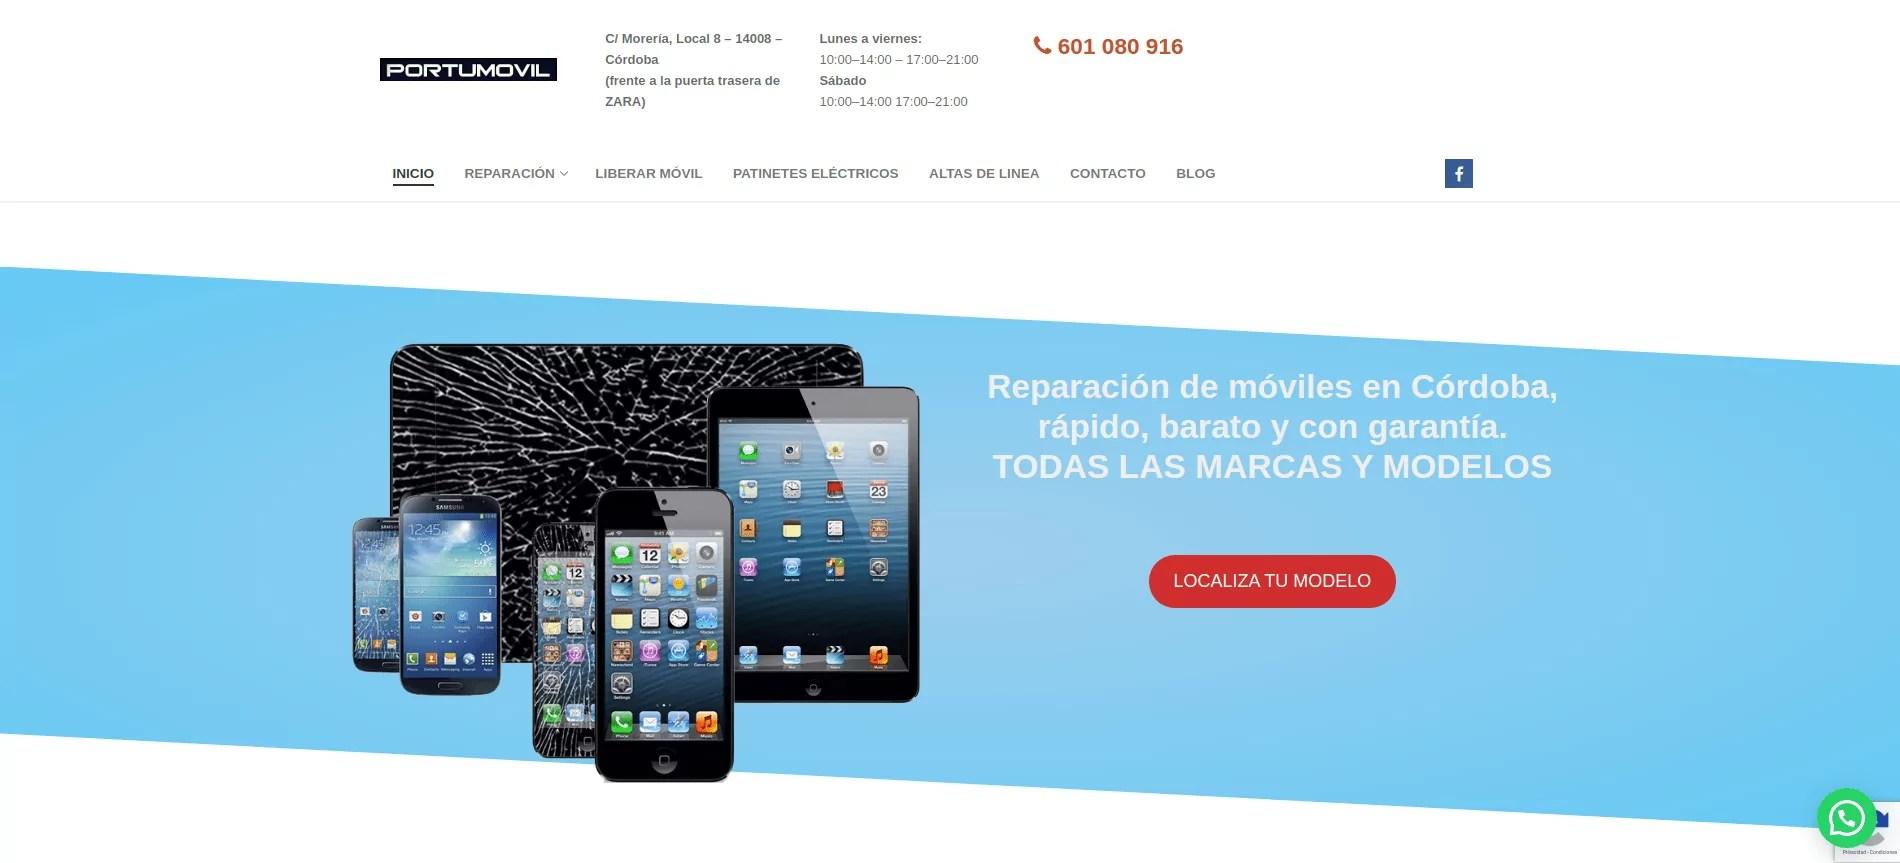 Diseño web de reparación de móviles